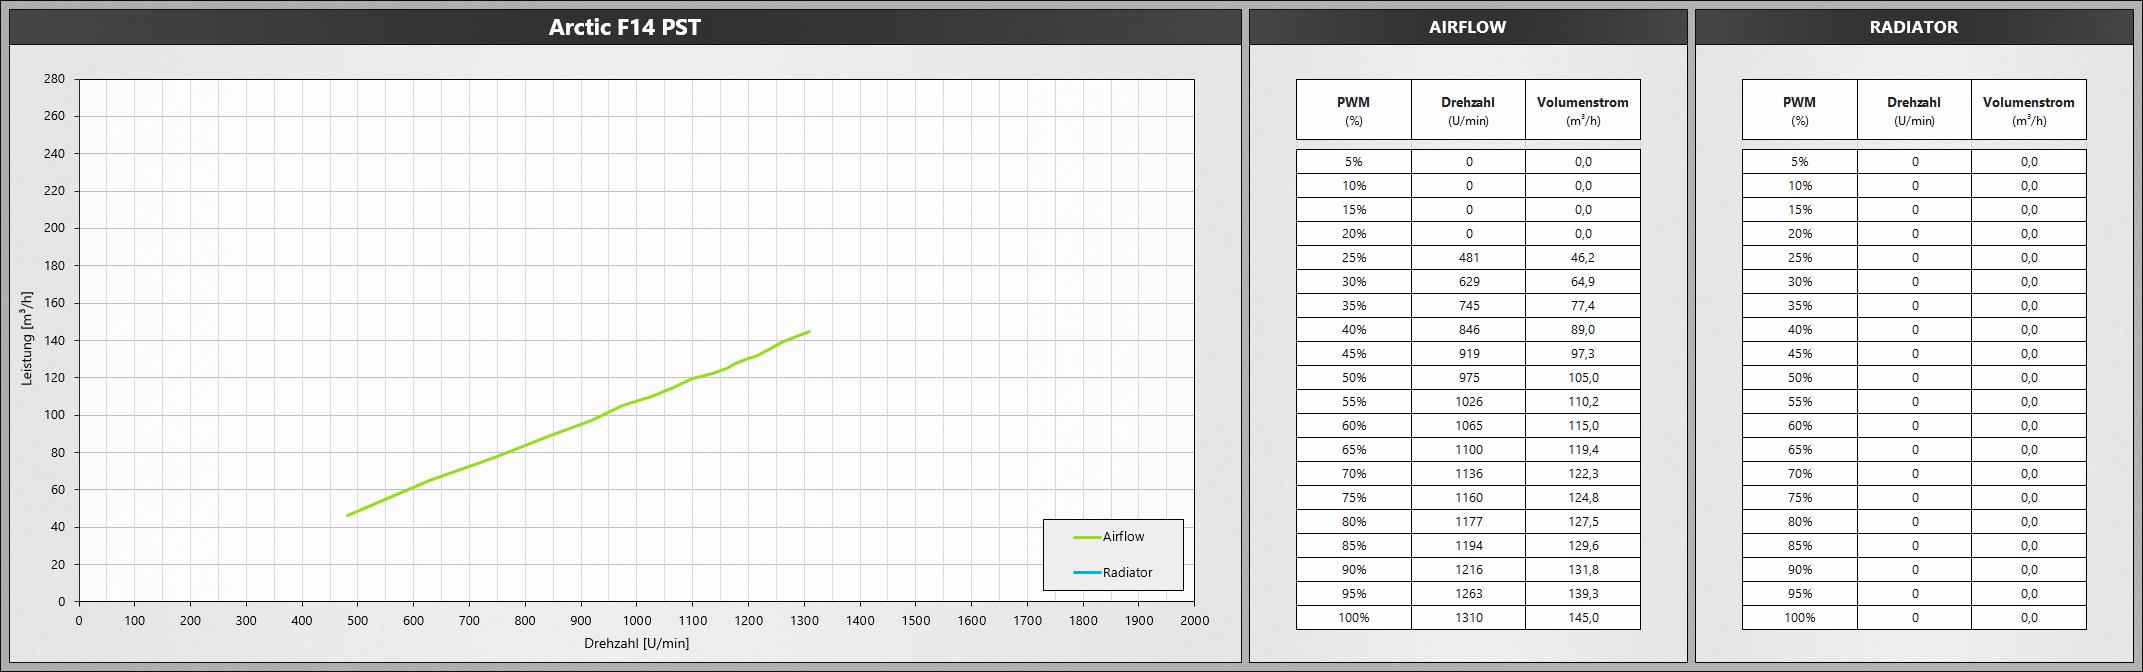 Klicken Sie auf die Grafik für eine größere Ansicht  Name:ArcticF14PST.png Hits:675 Größe:463,1 KB ID:1074752